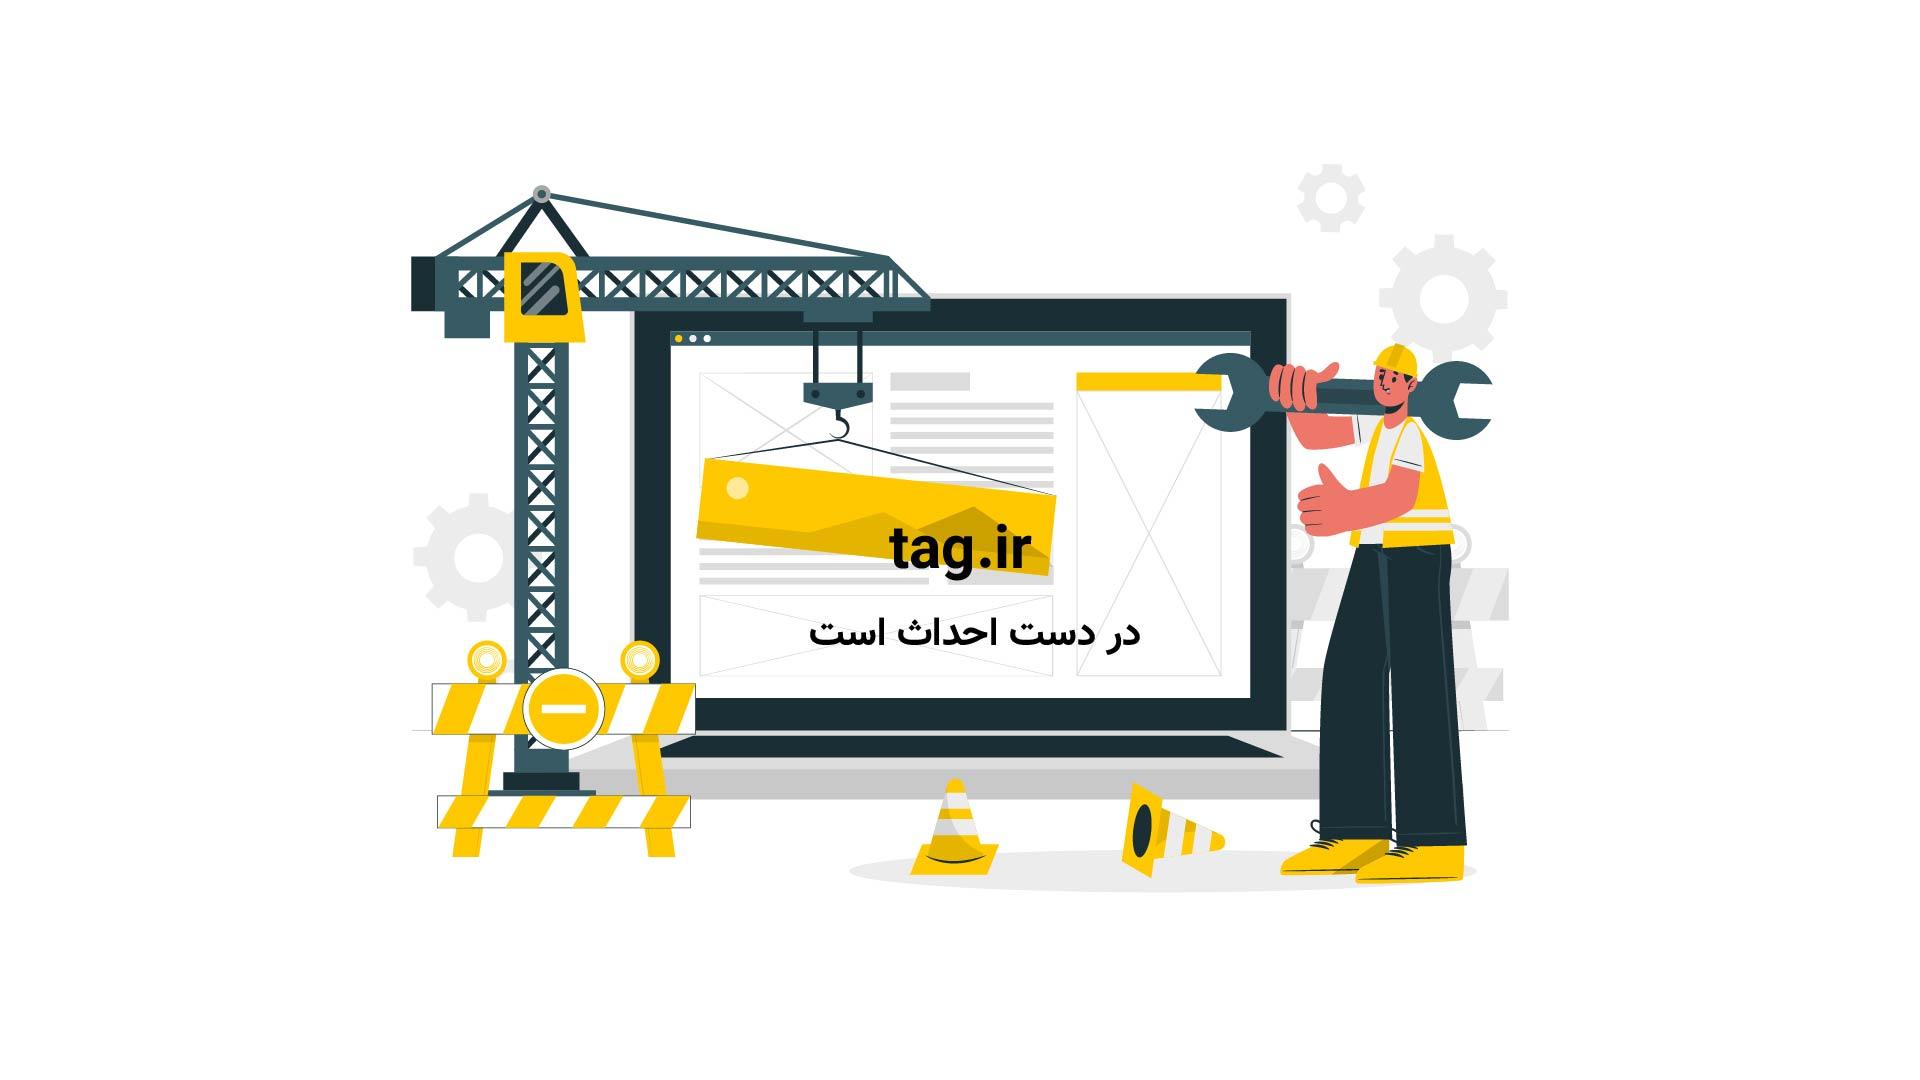 سخنرانیهای تد؛ داشتن احساسات نشانه ضعف نیست | فیلم